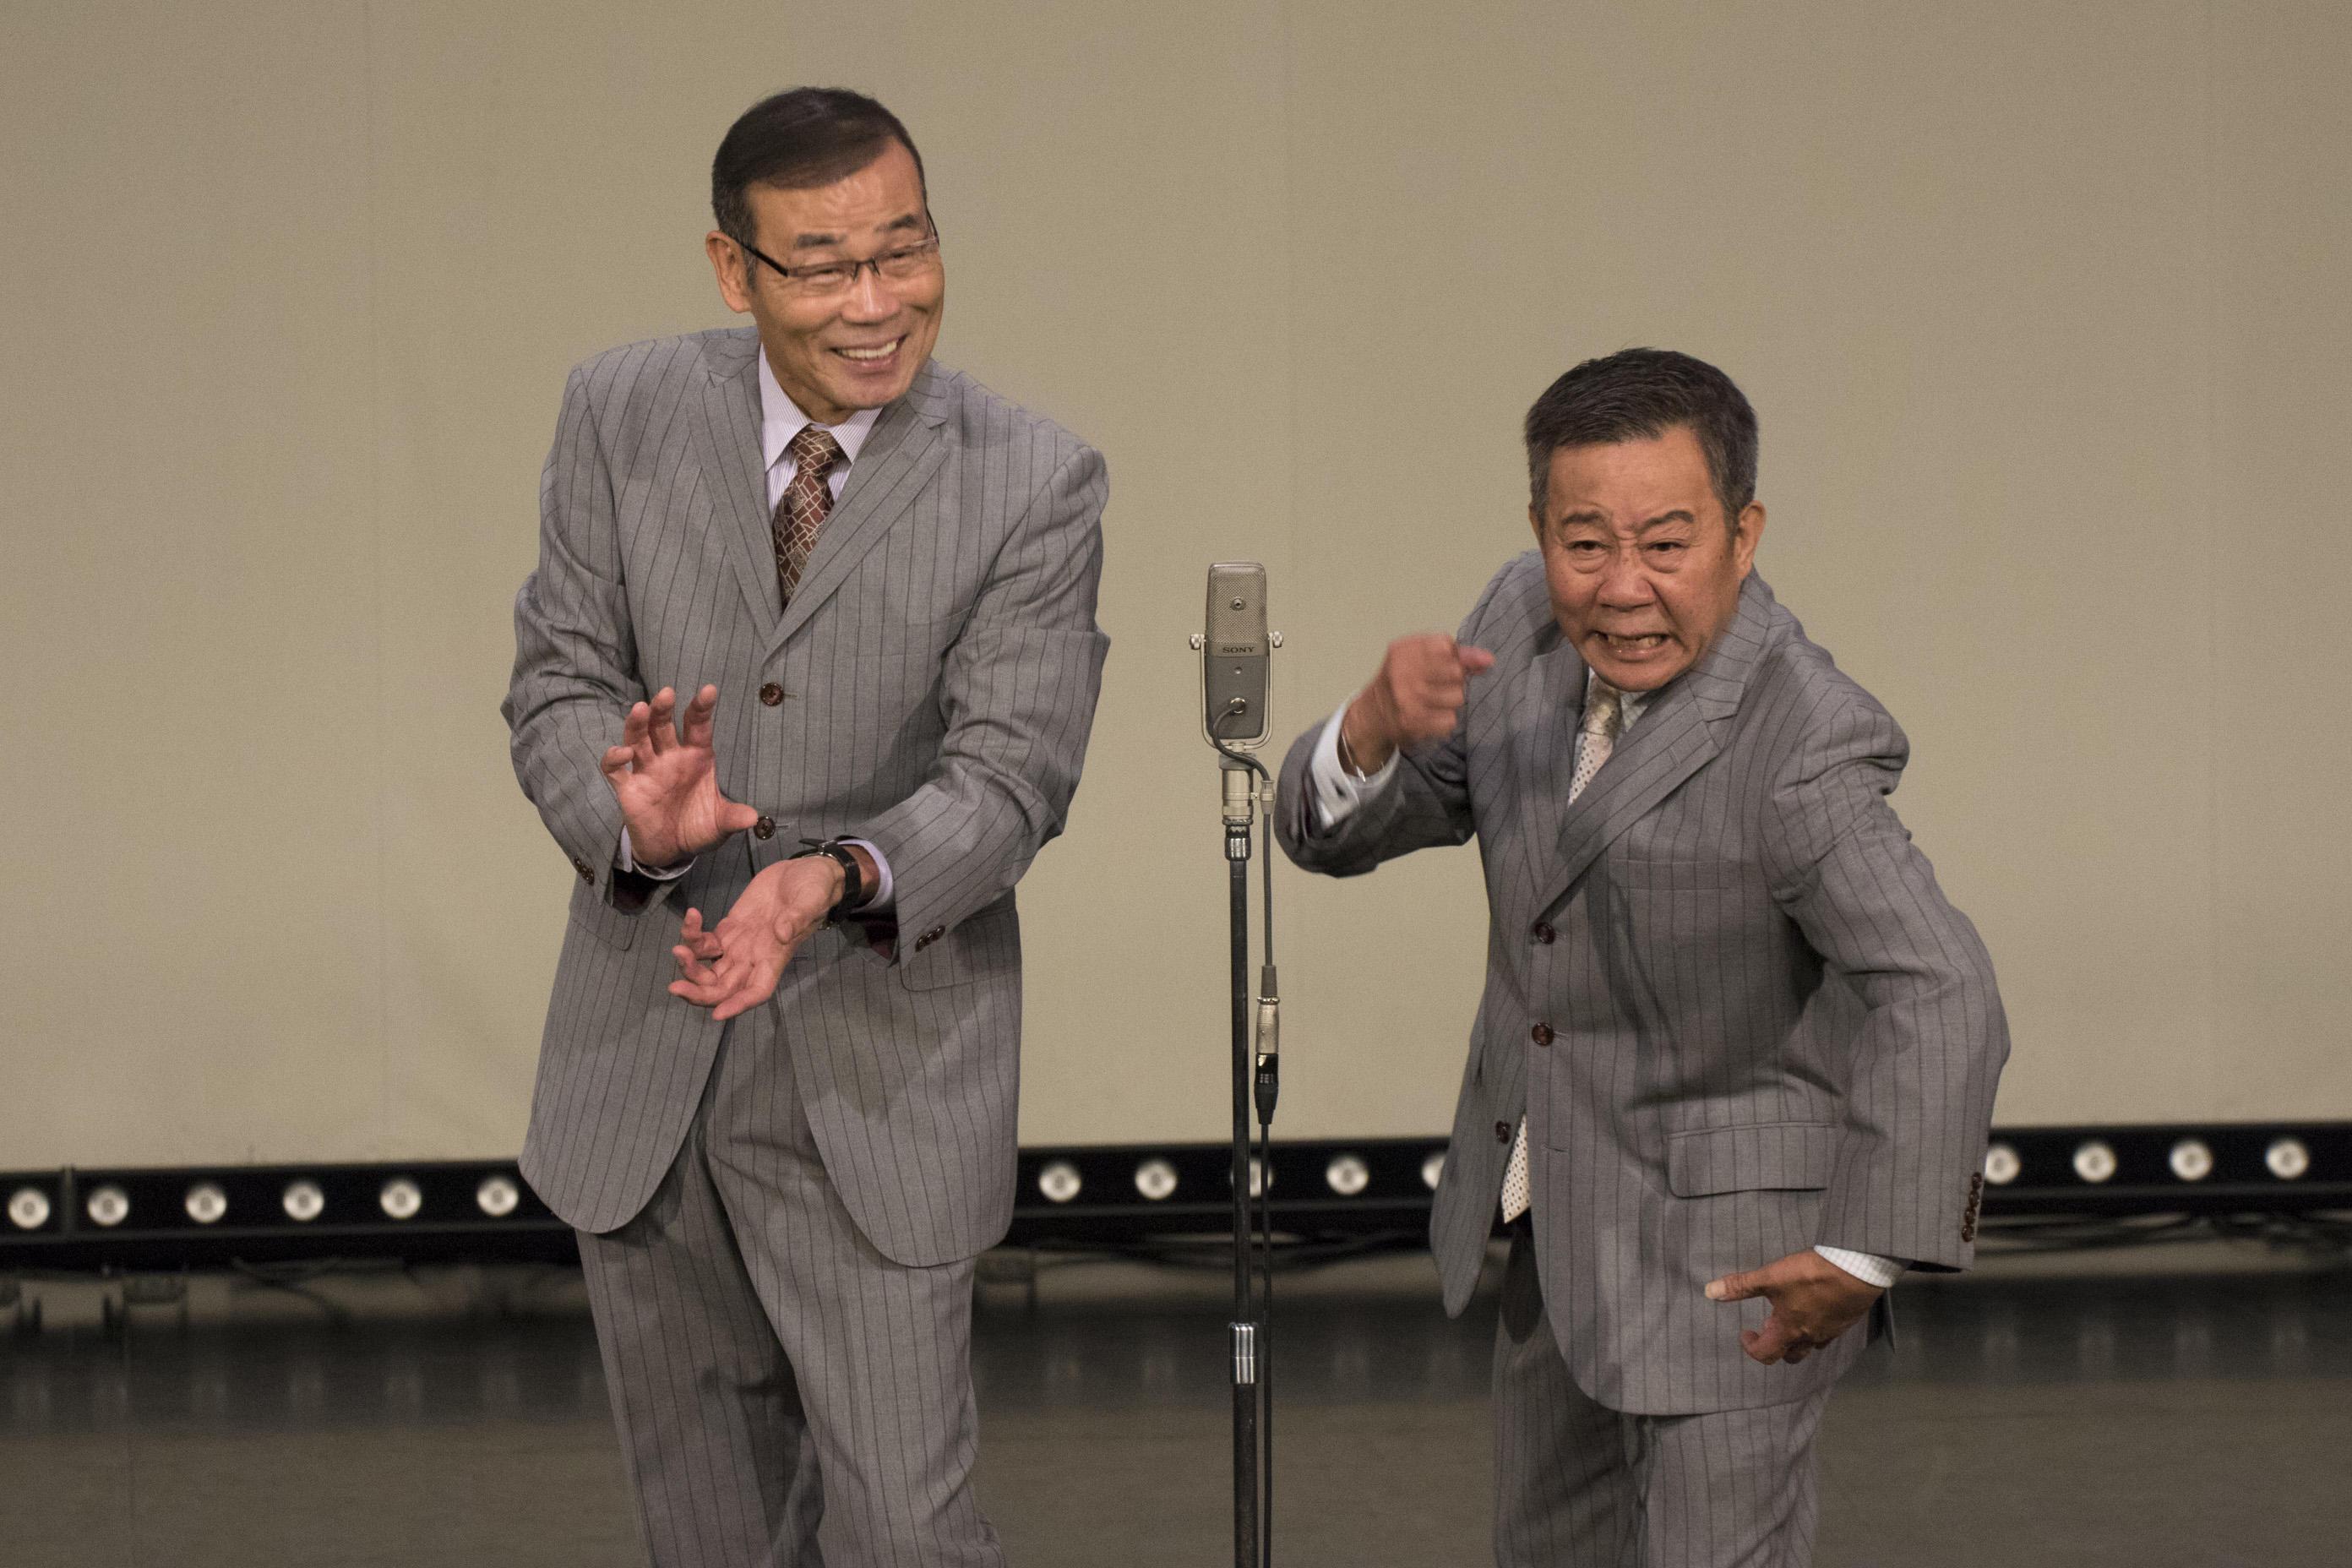 http://news.yoshimoto.co.jp/20170729093242-2dcf058ce33d731cd076a60da506b9c0fa3aa385.jpg